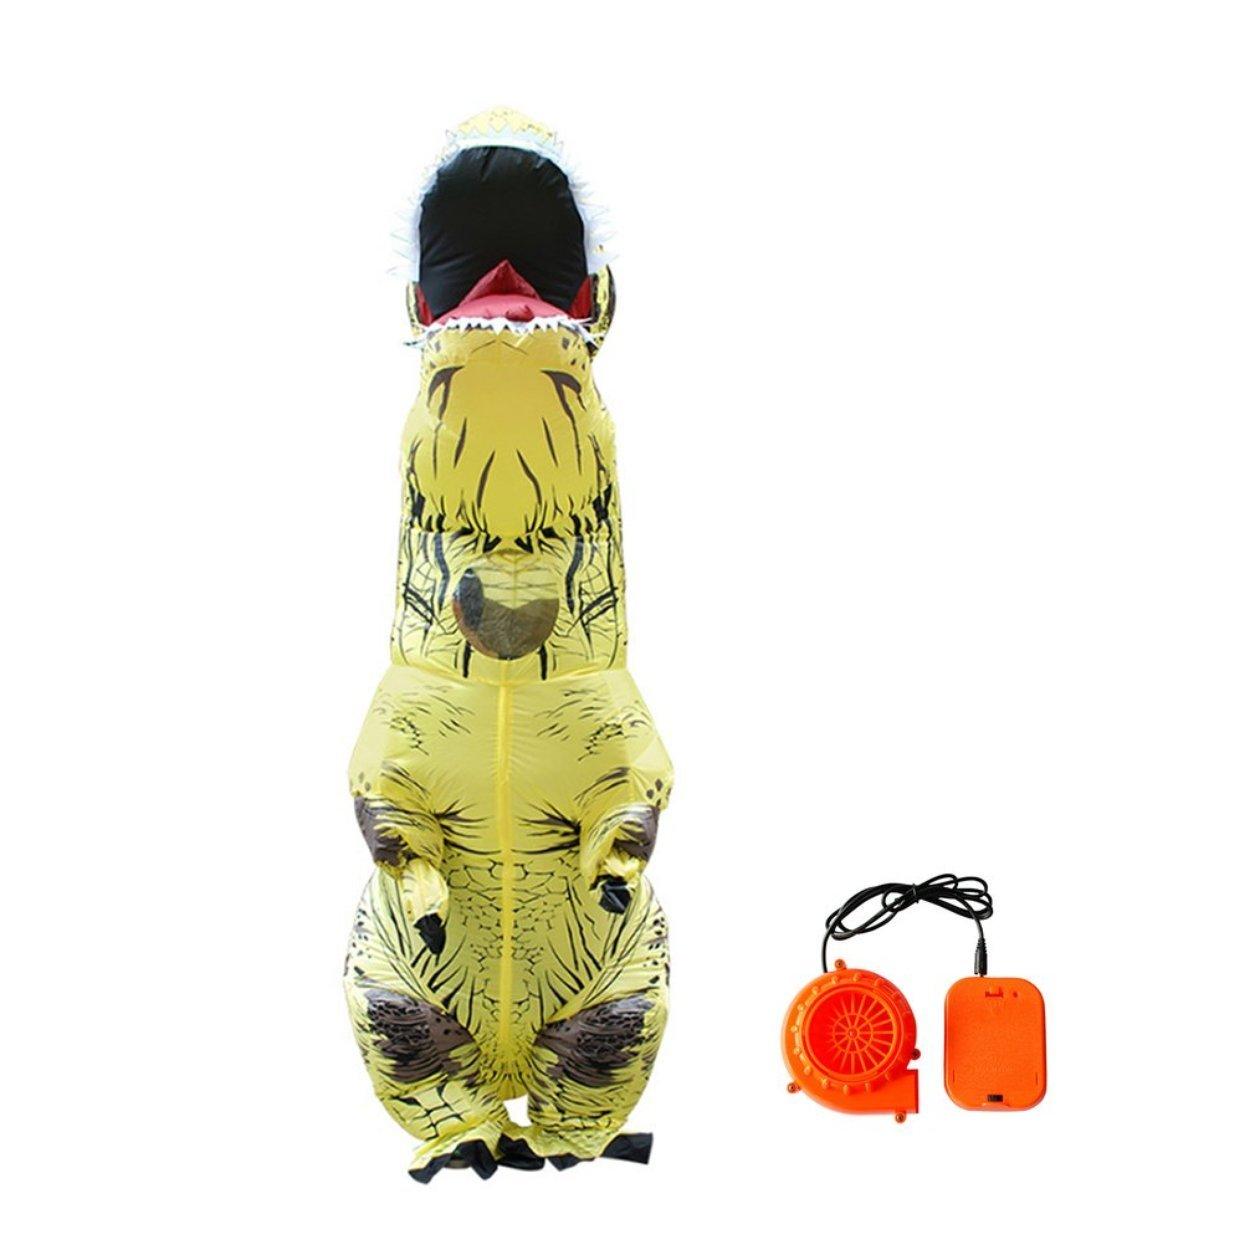 Dailyinshop Reizende Nette aufblasbare Tierdinosaurier-Kostüme für Halloween-Partei Cosplay (Farbe: Gelb)